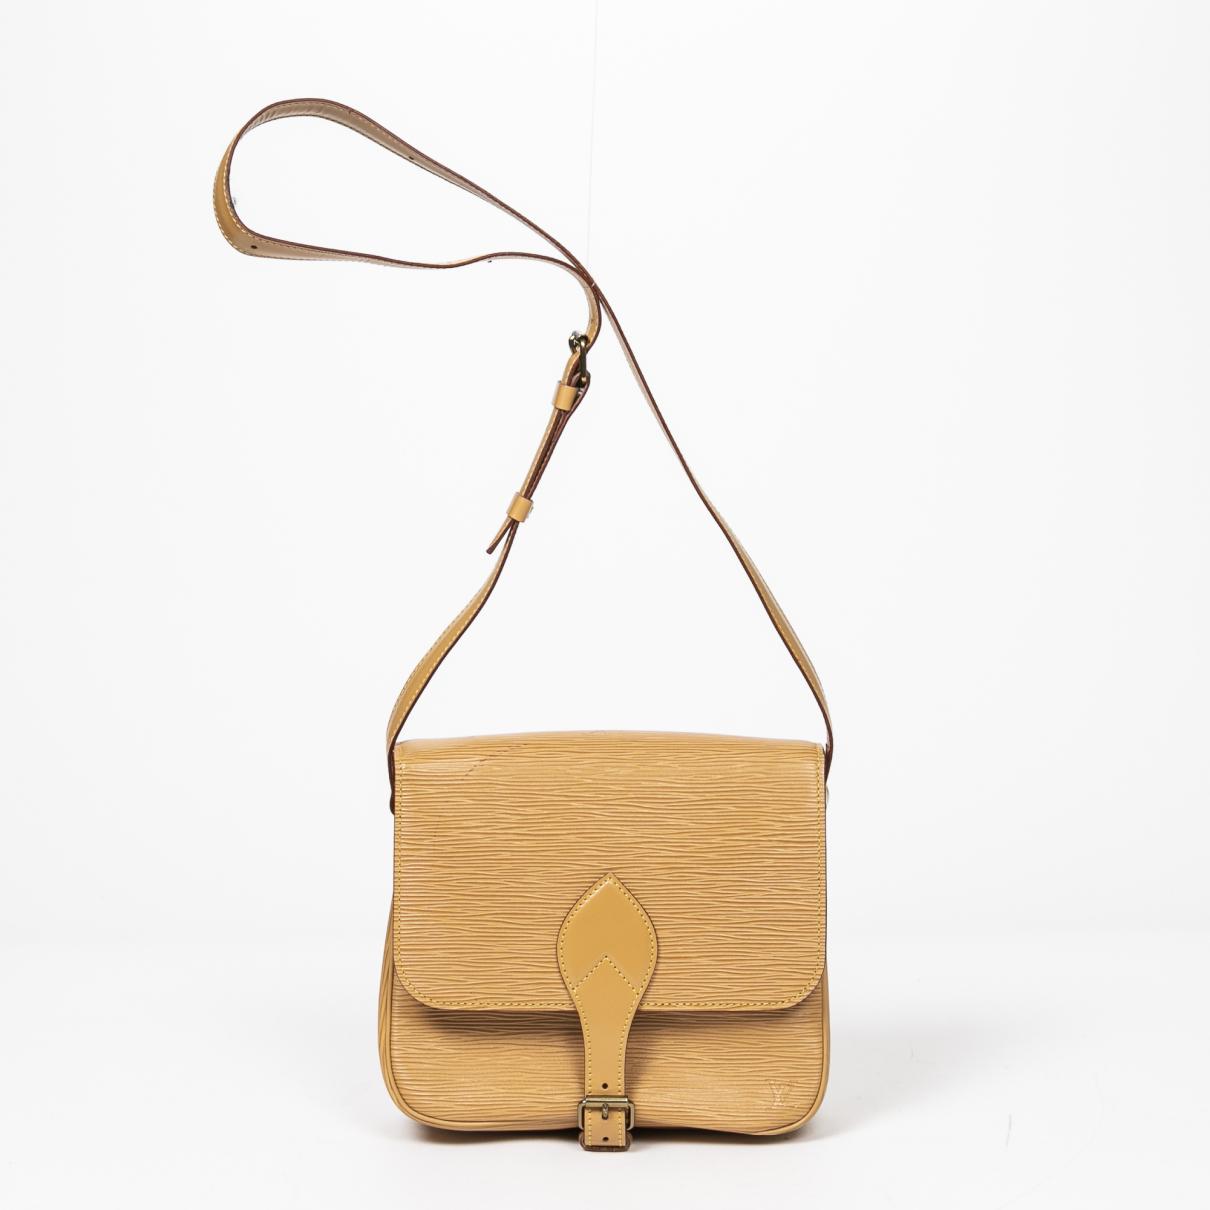 Louis Vuitton - Sac a main Cartouchiere pour femme en cuir - beige